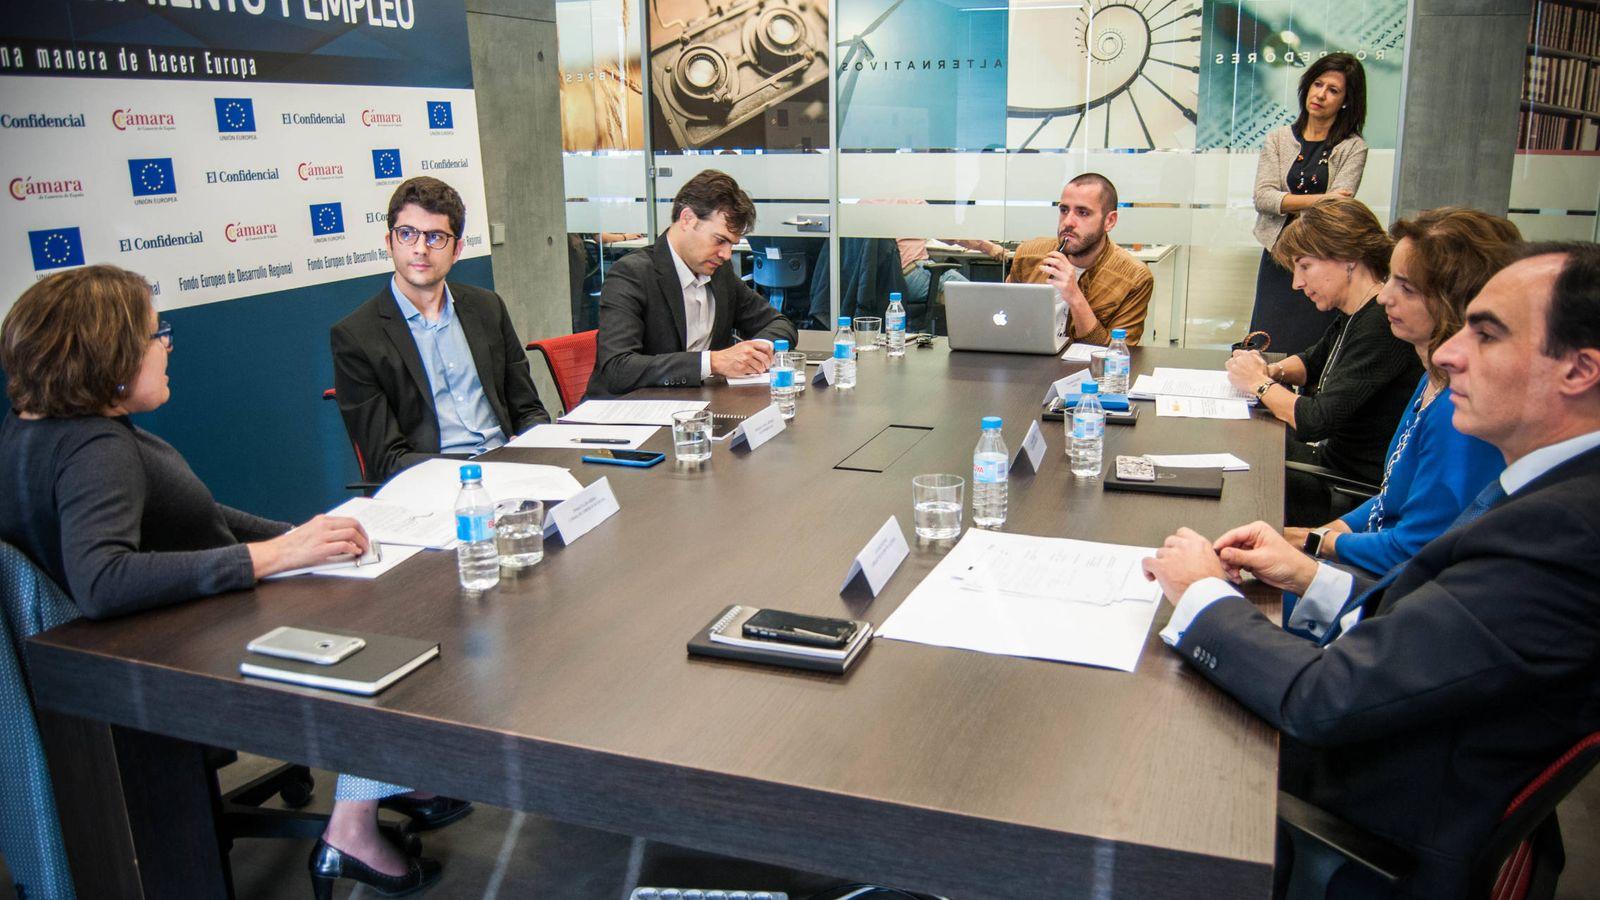 Foto: Mesa redonda 'La economía digital, motor de crecimiento y empleo', organizada por El Confidencial y la Cámara de Comercio. (Foto: Carmen Castellón)